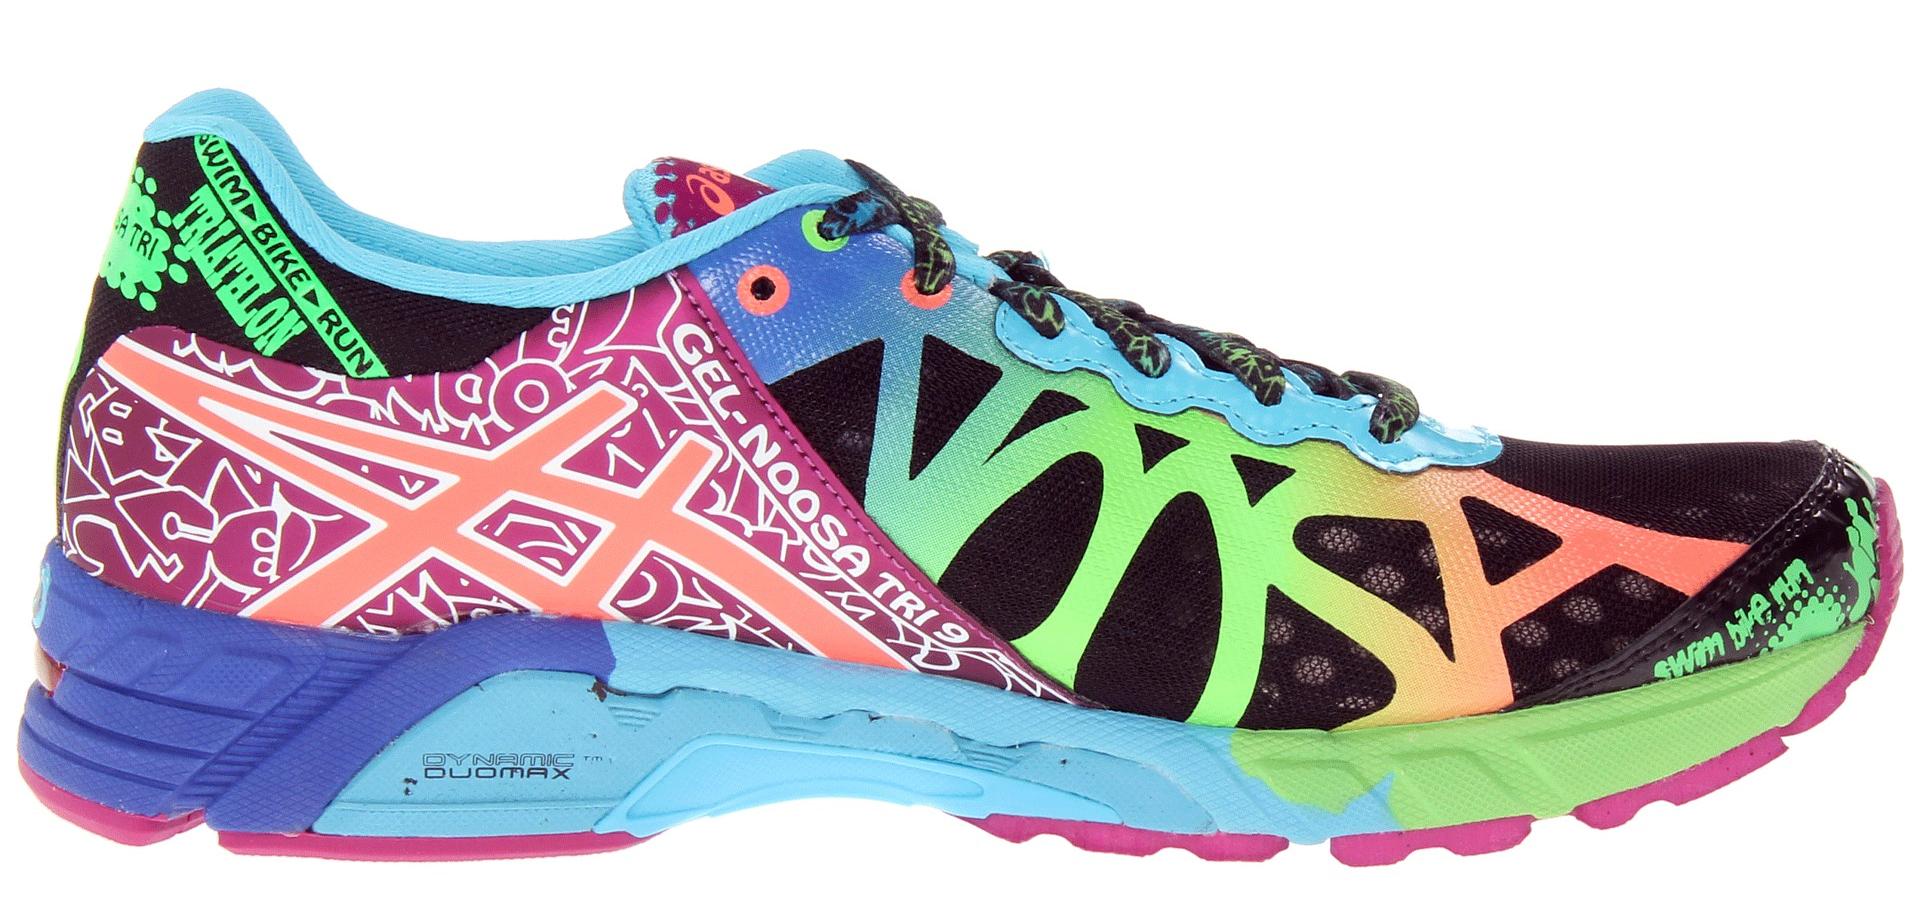 Ugliest Nike Shoes